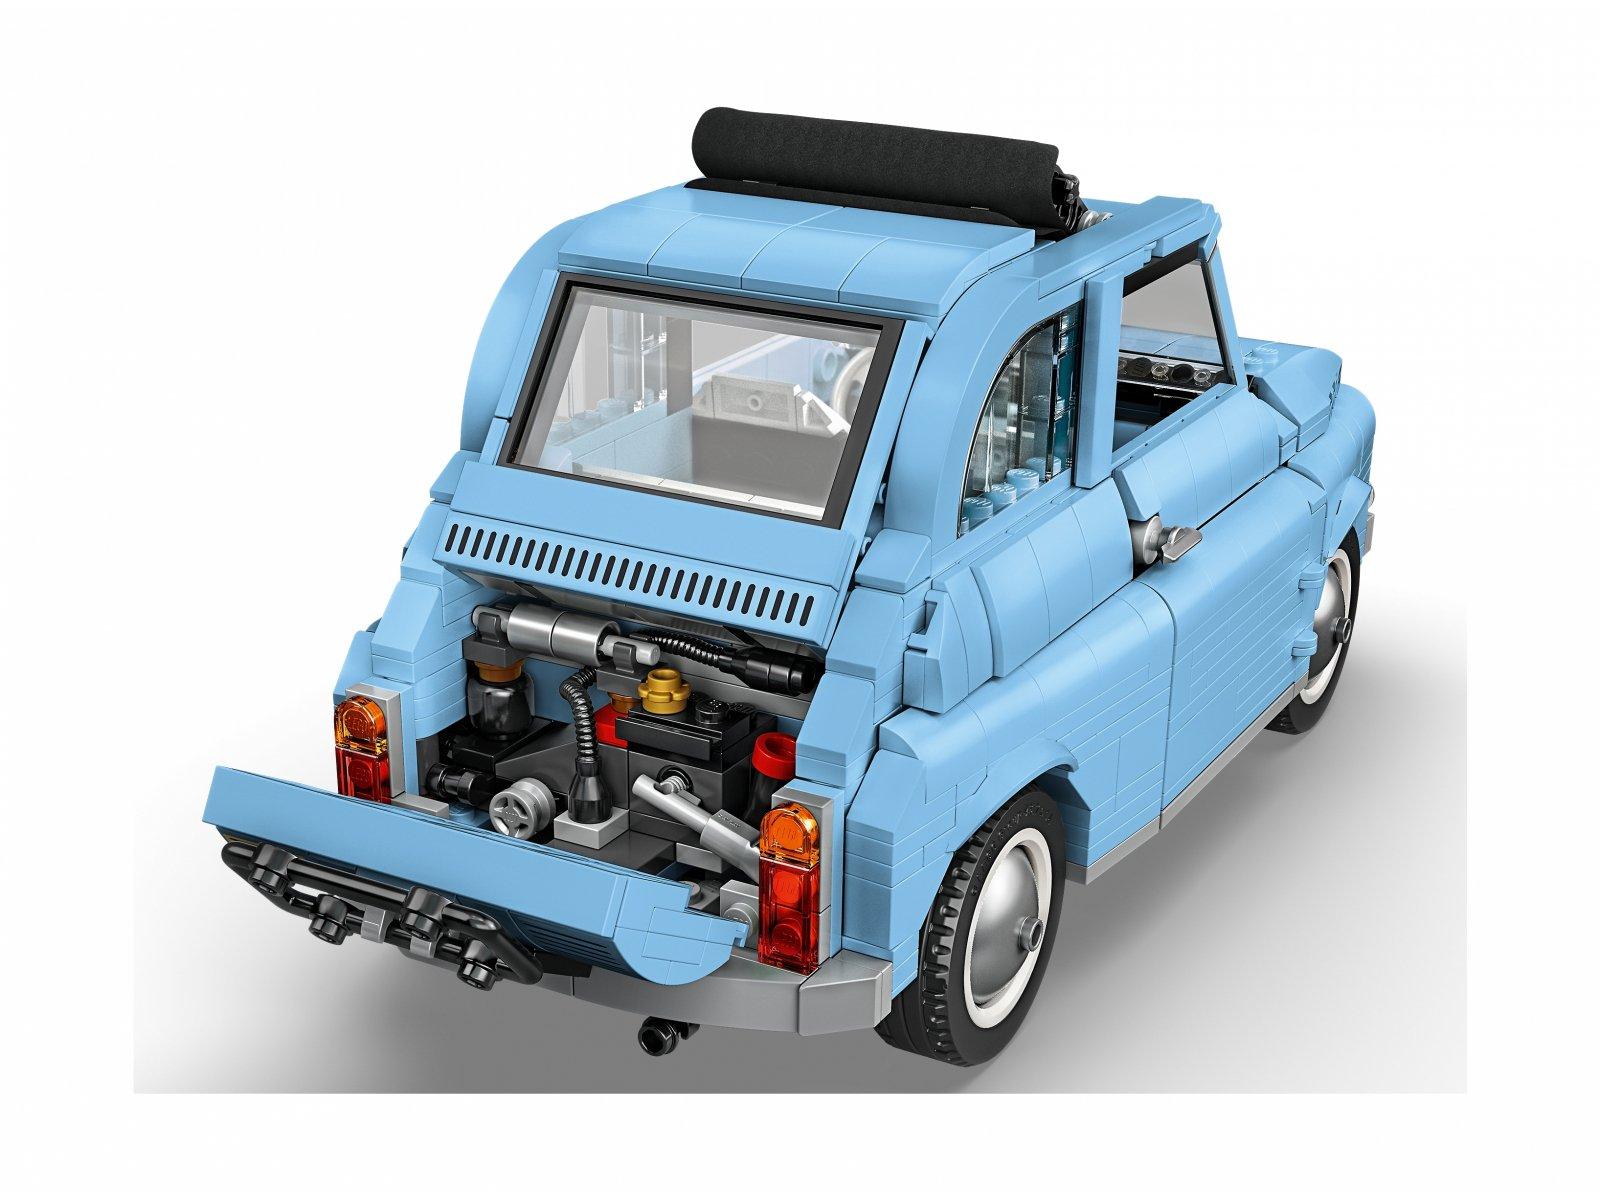 LEGO Creator Expert 77942 Fiat 500